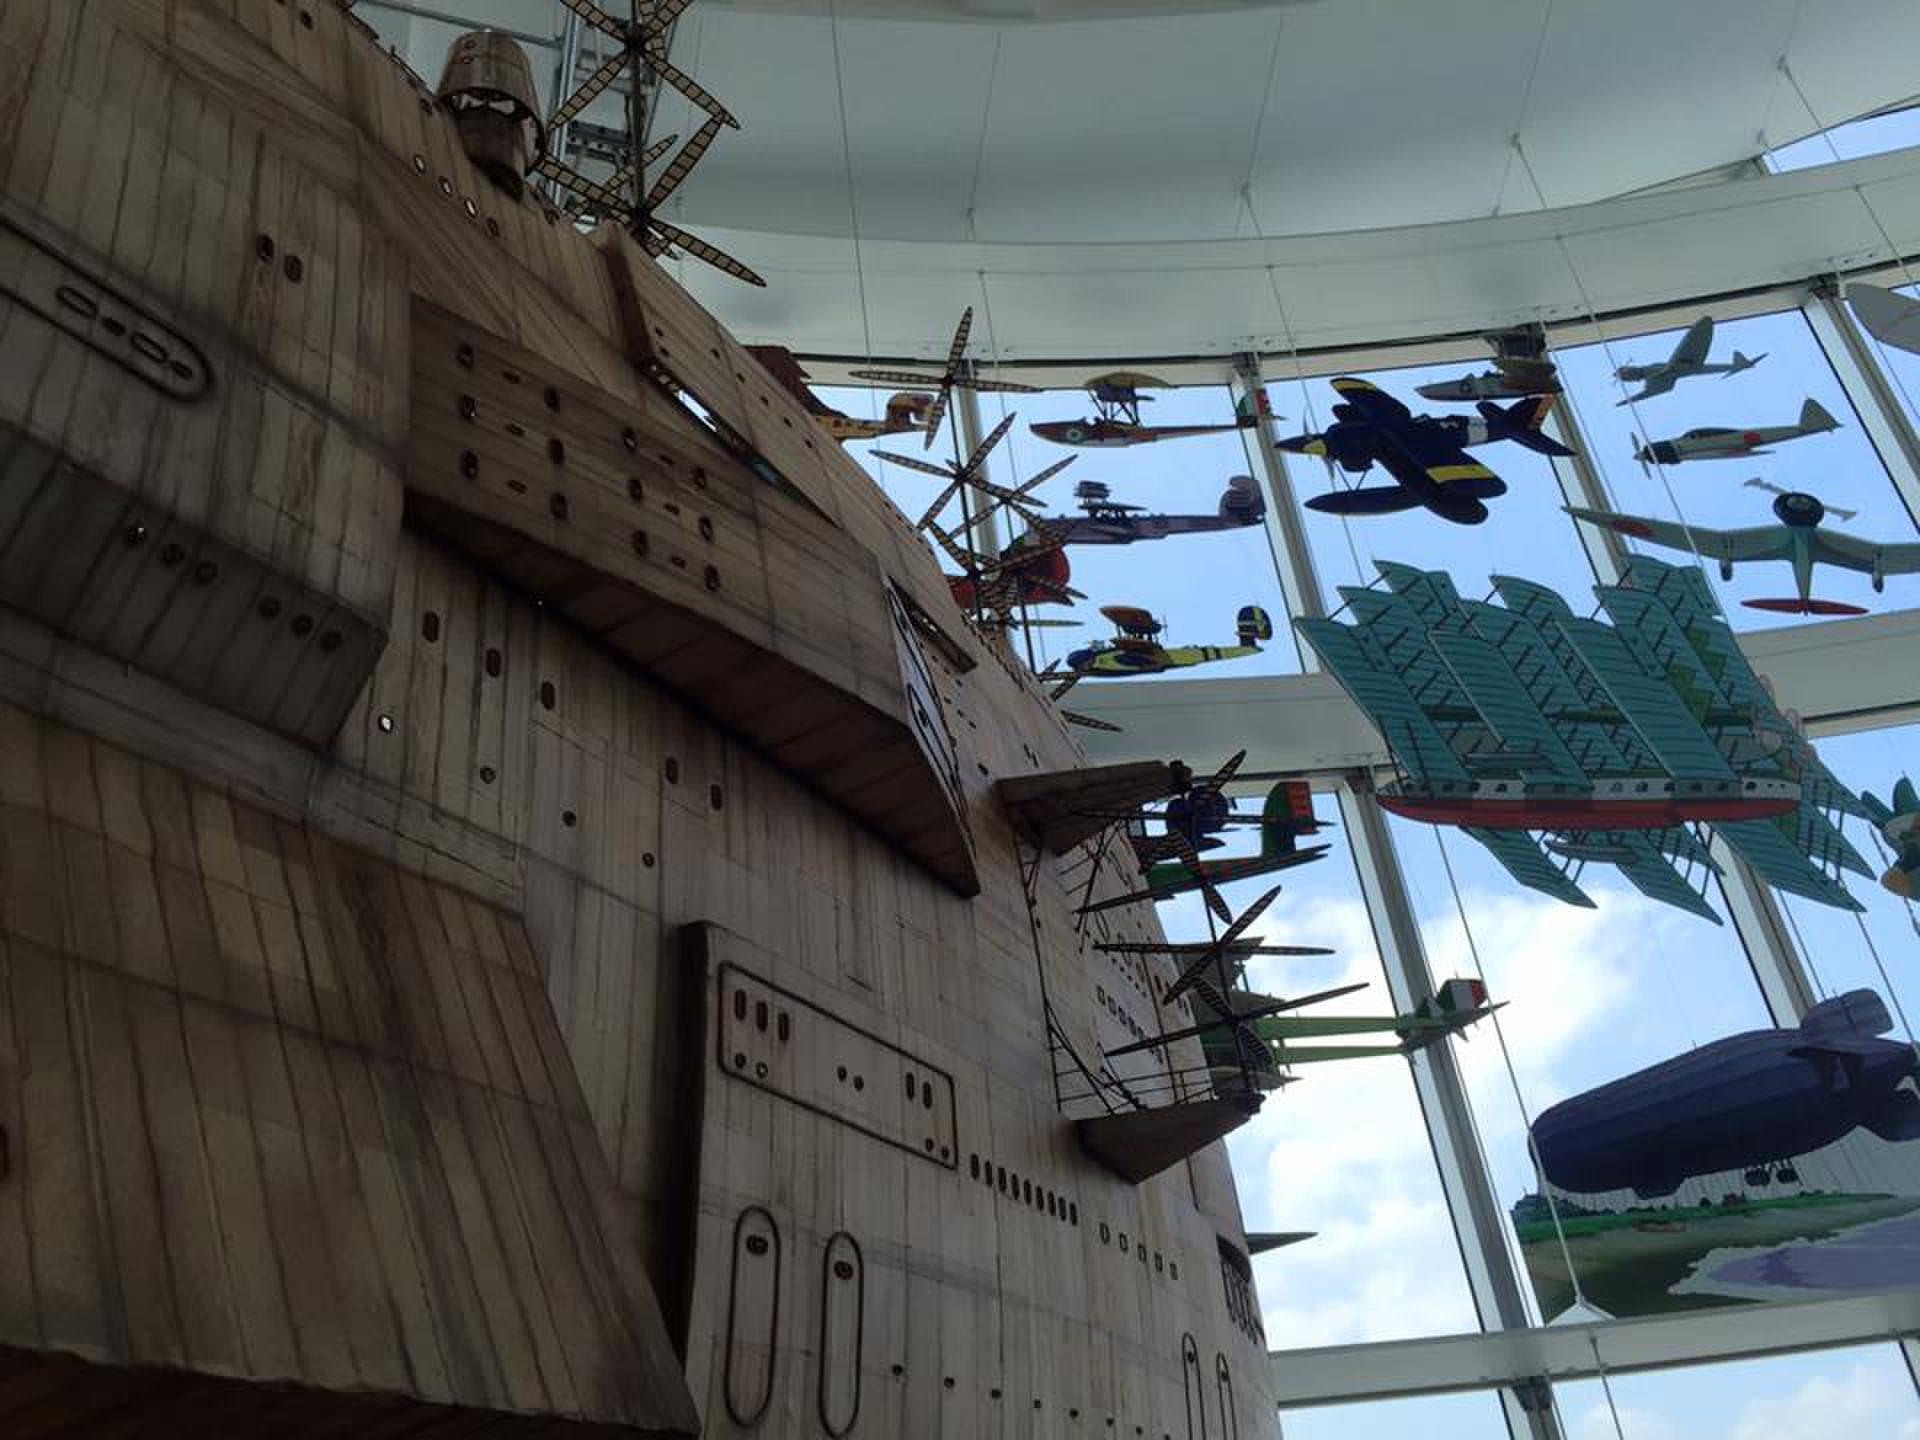 永遠の名作揃い この夏おすすめのジブリの大博覧会を堪能@六本木ヒルズ東京シティービュー